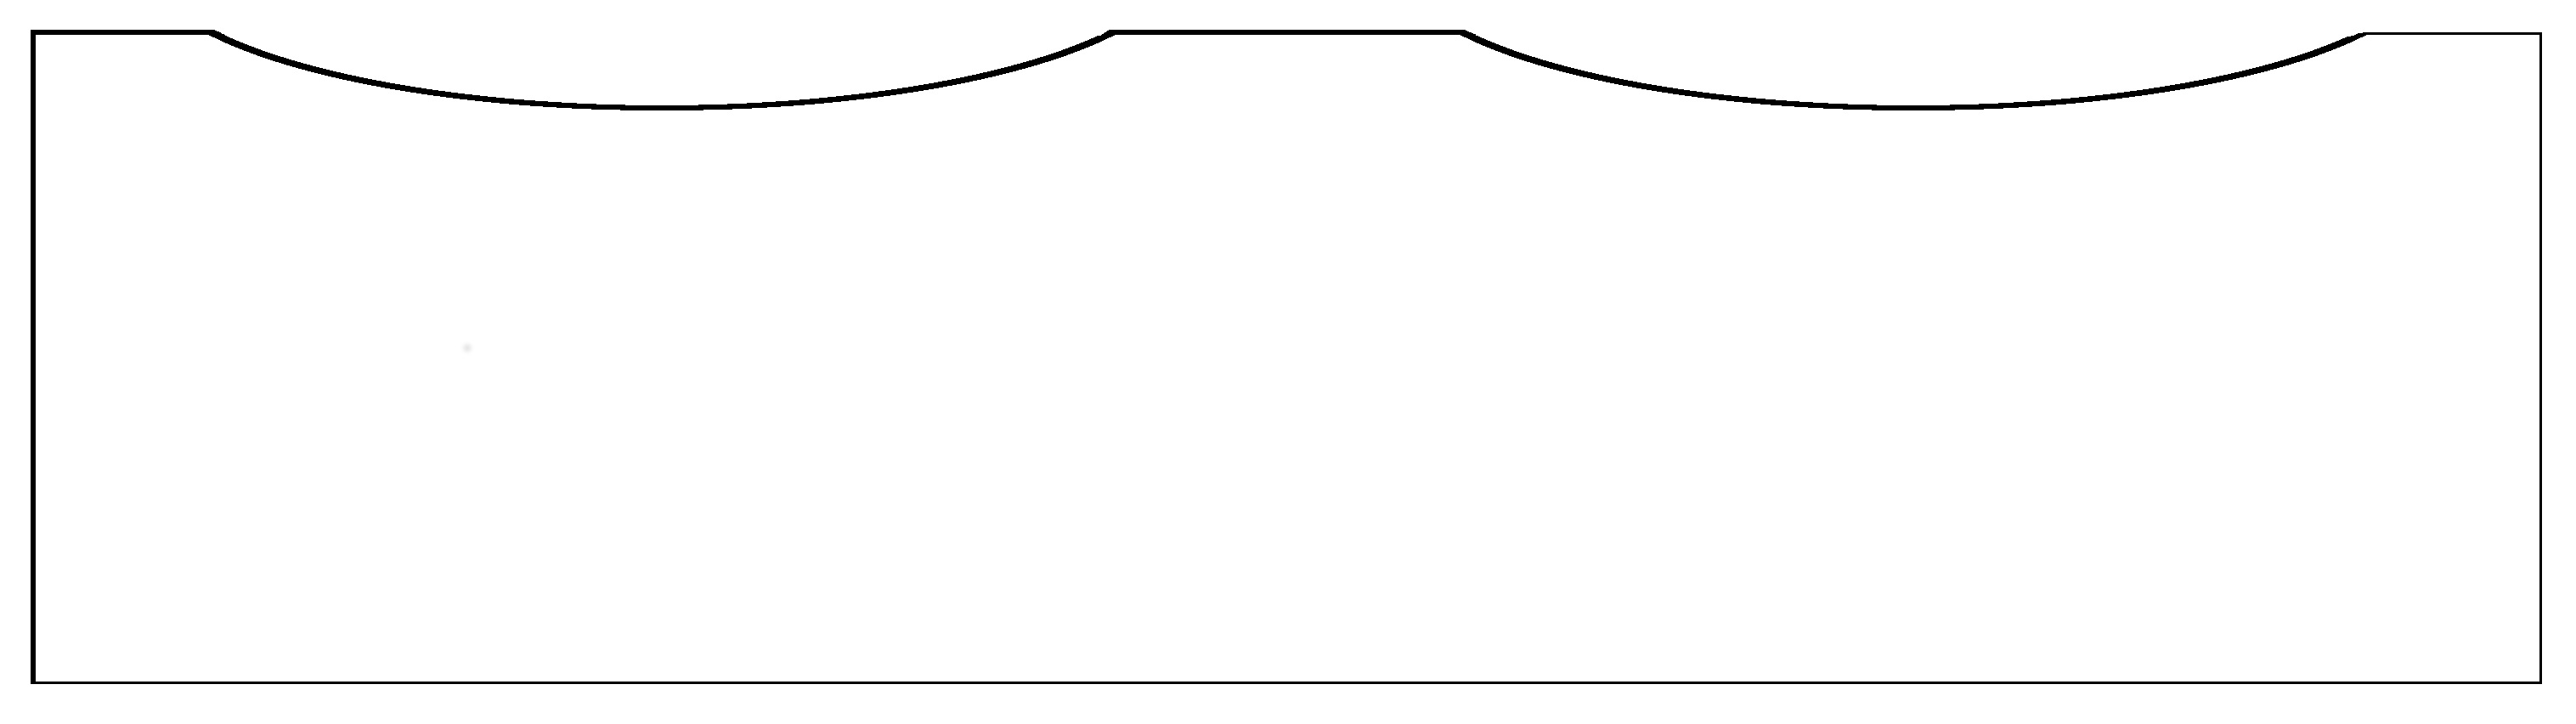 Modifizierte Krone mit zwei Aussparungen für die typische Zylinderform.